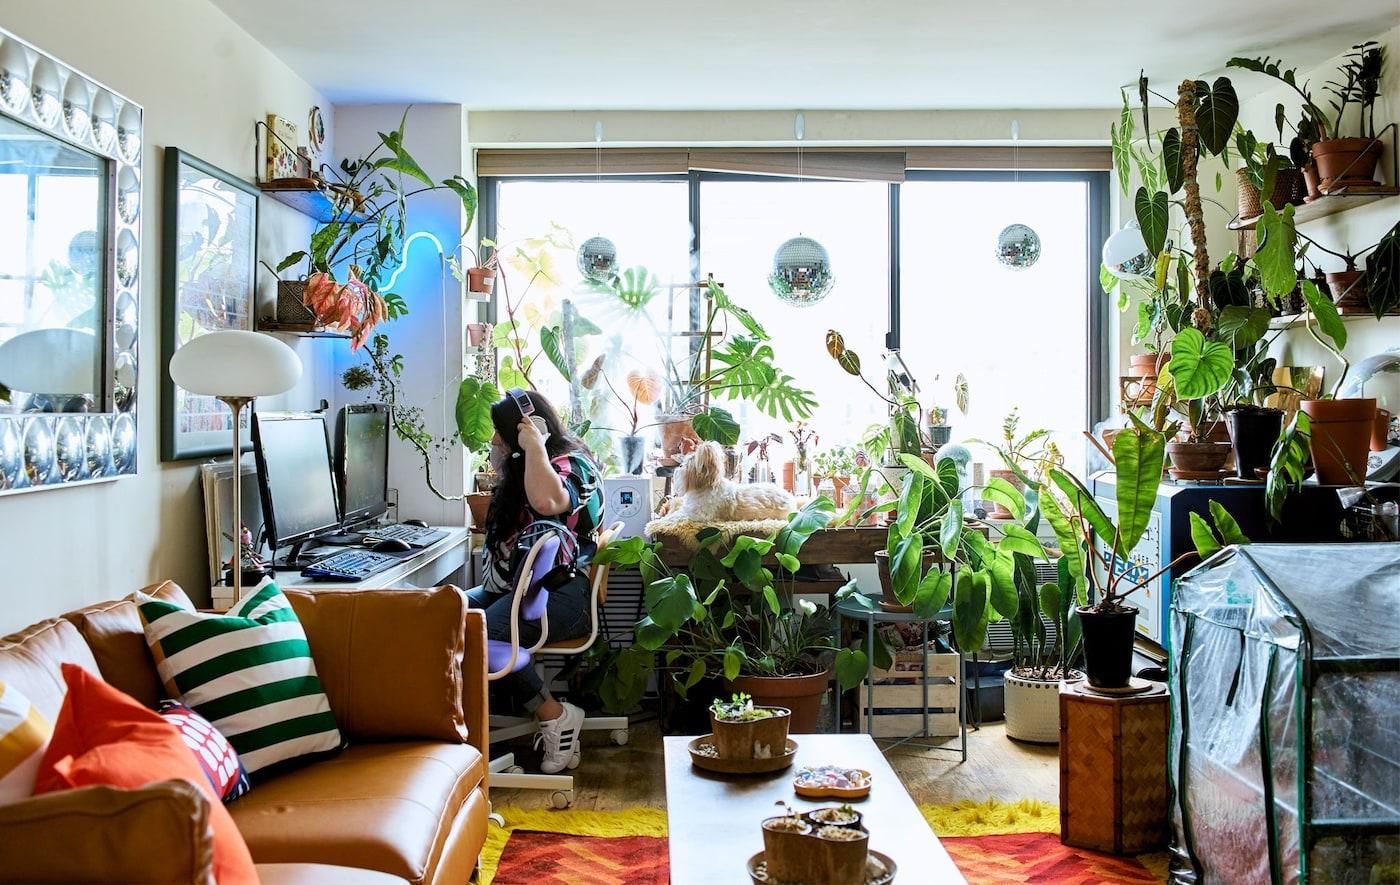 Otevřený obývací pokoj s květinami a pracovním koutem před oknem